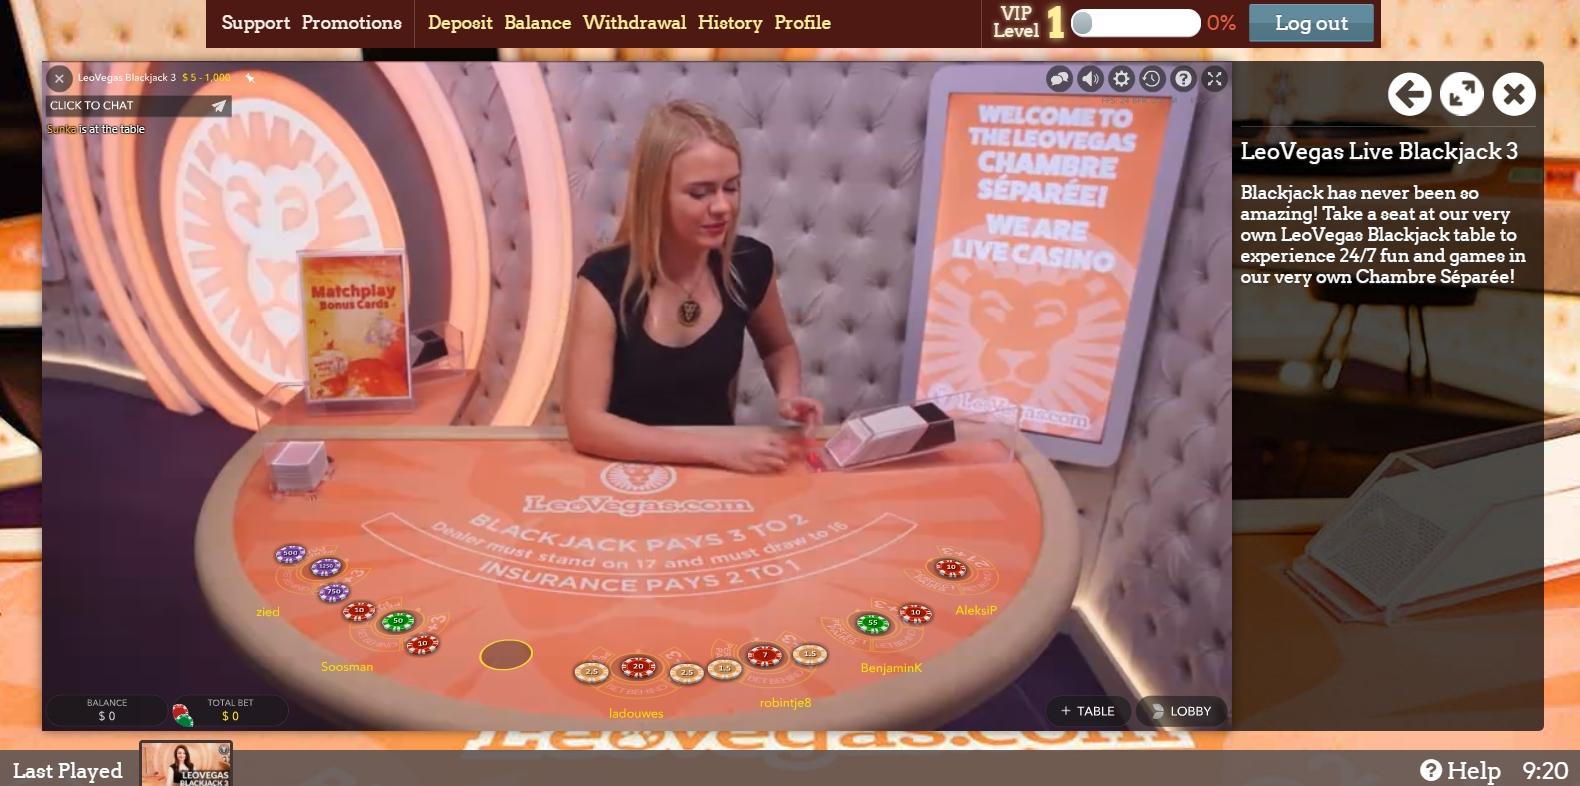 Online live casino canada игровые автоматы играть бесплатно резидент 2